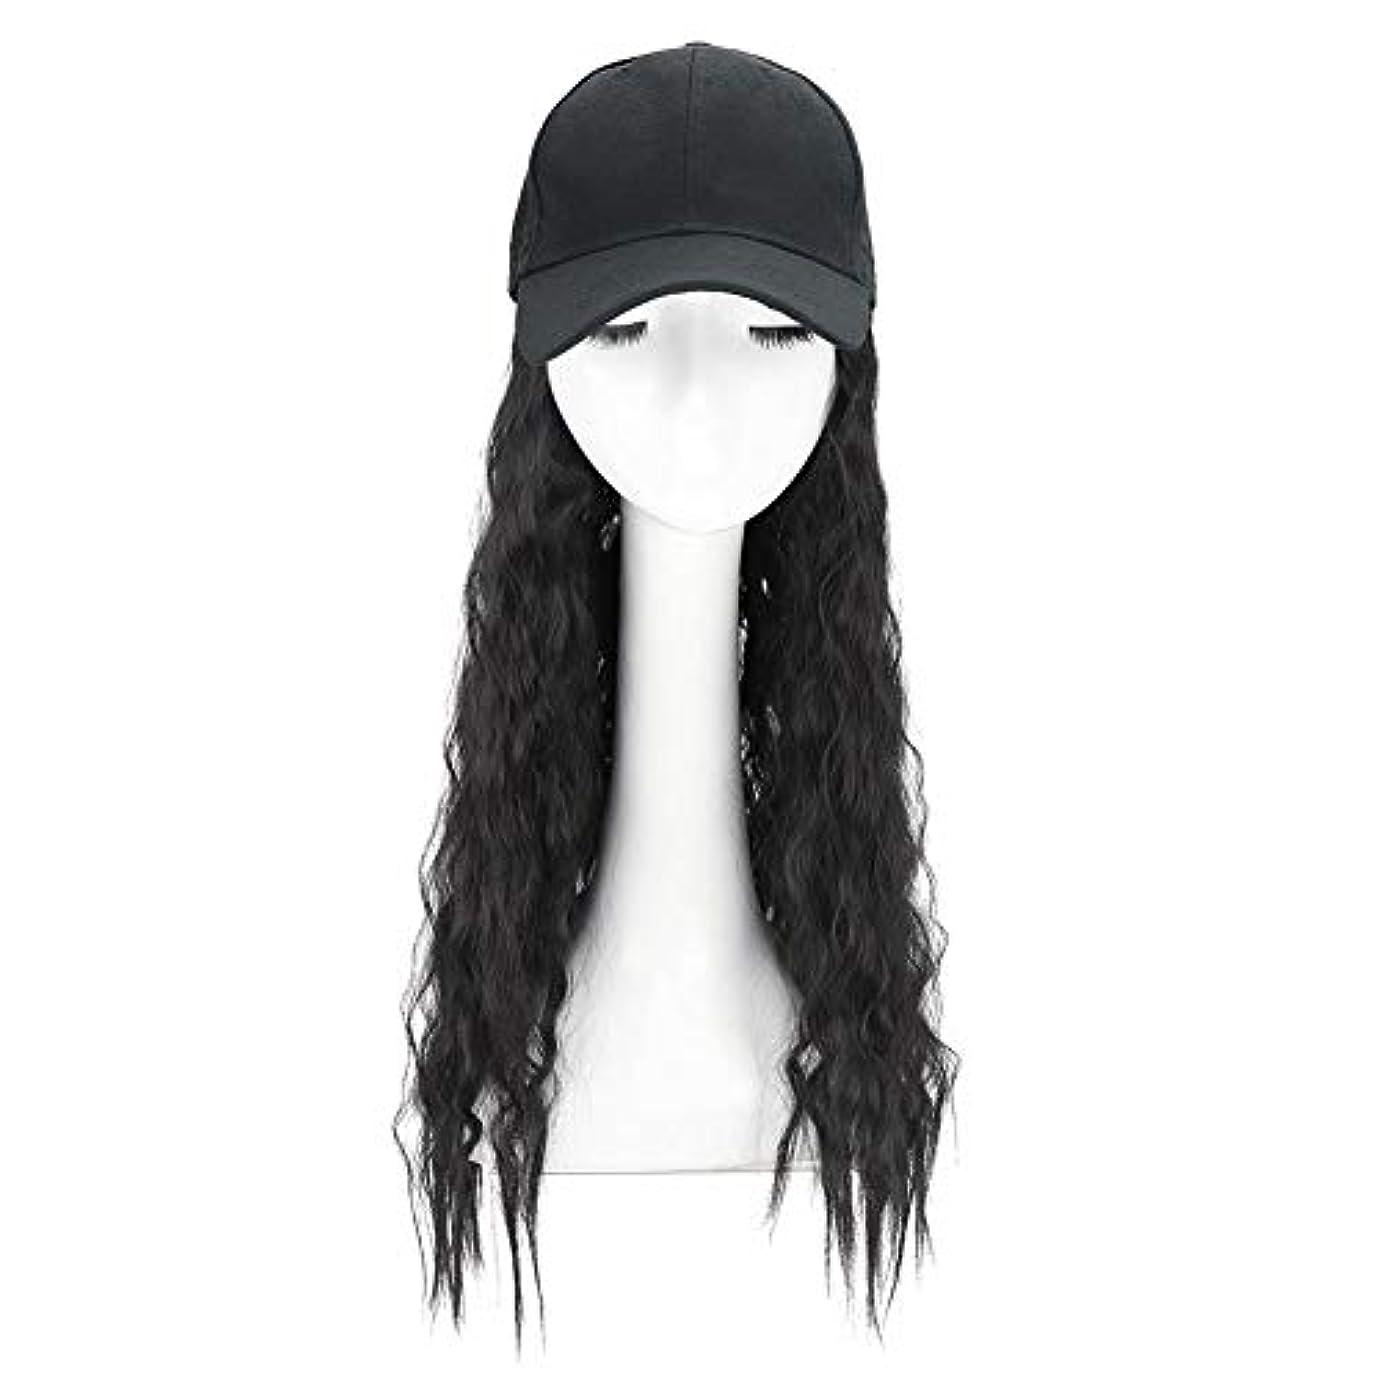 タイト港ブレースBrill(ブリーオ)帽子ロングカーリーウェーブ女性ファッション野球帽ブラックウィッグ